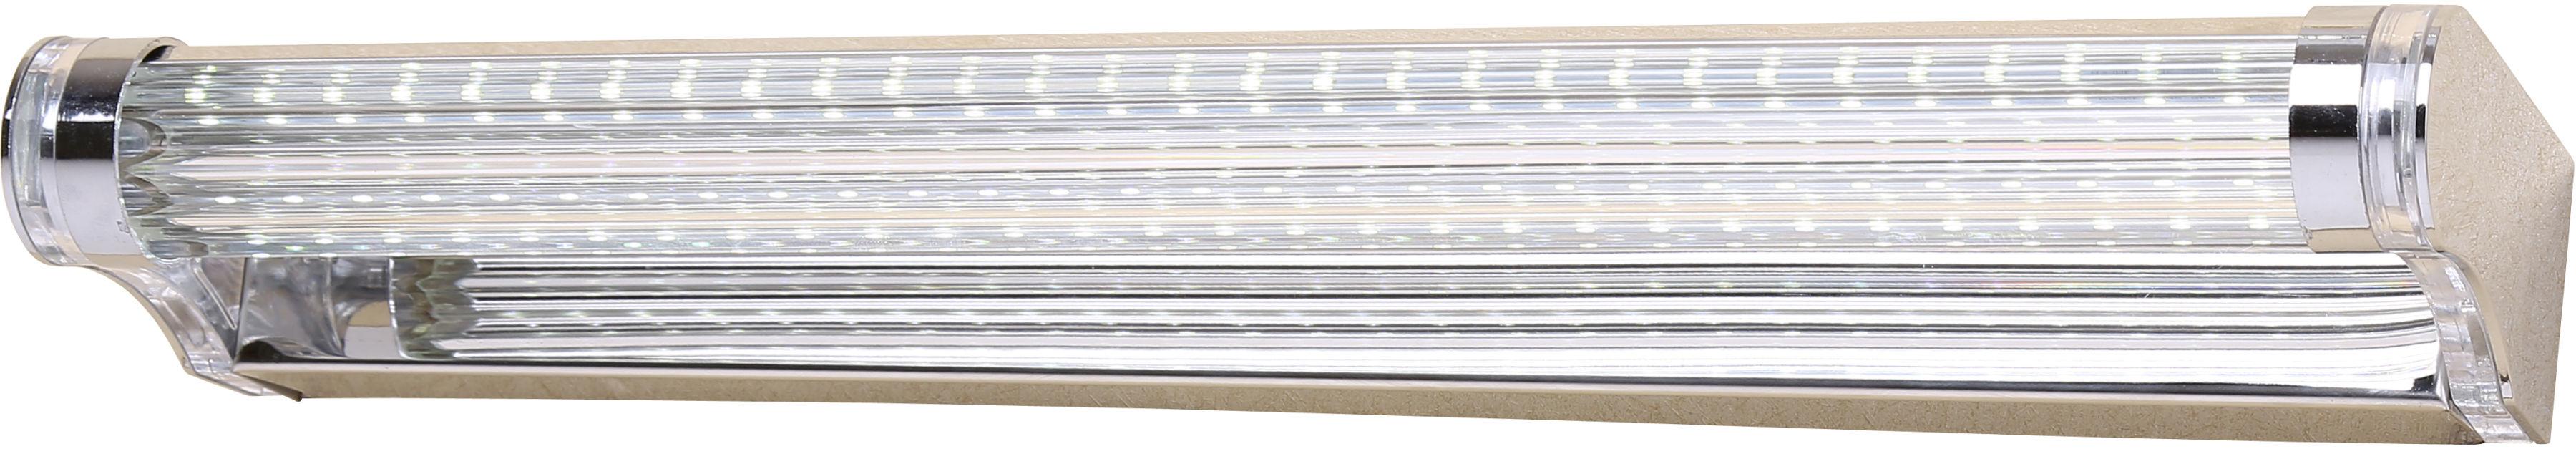 Candellux MODERNO 20-40800 kinkiet lampa ścienna stal nierdzewna akryl 7W LED 42,5cm